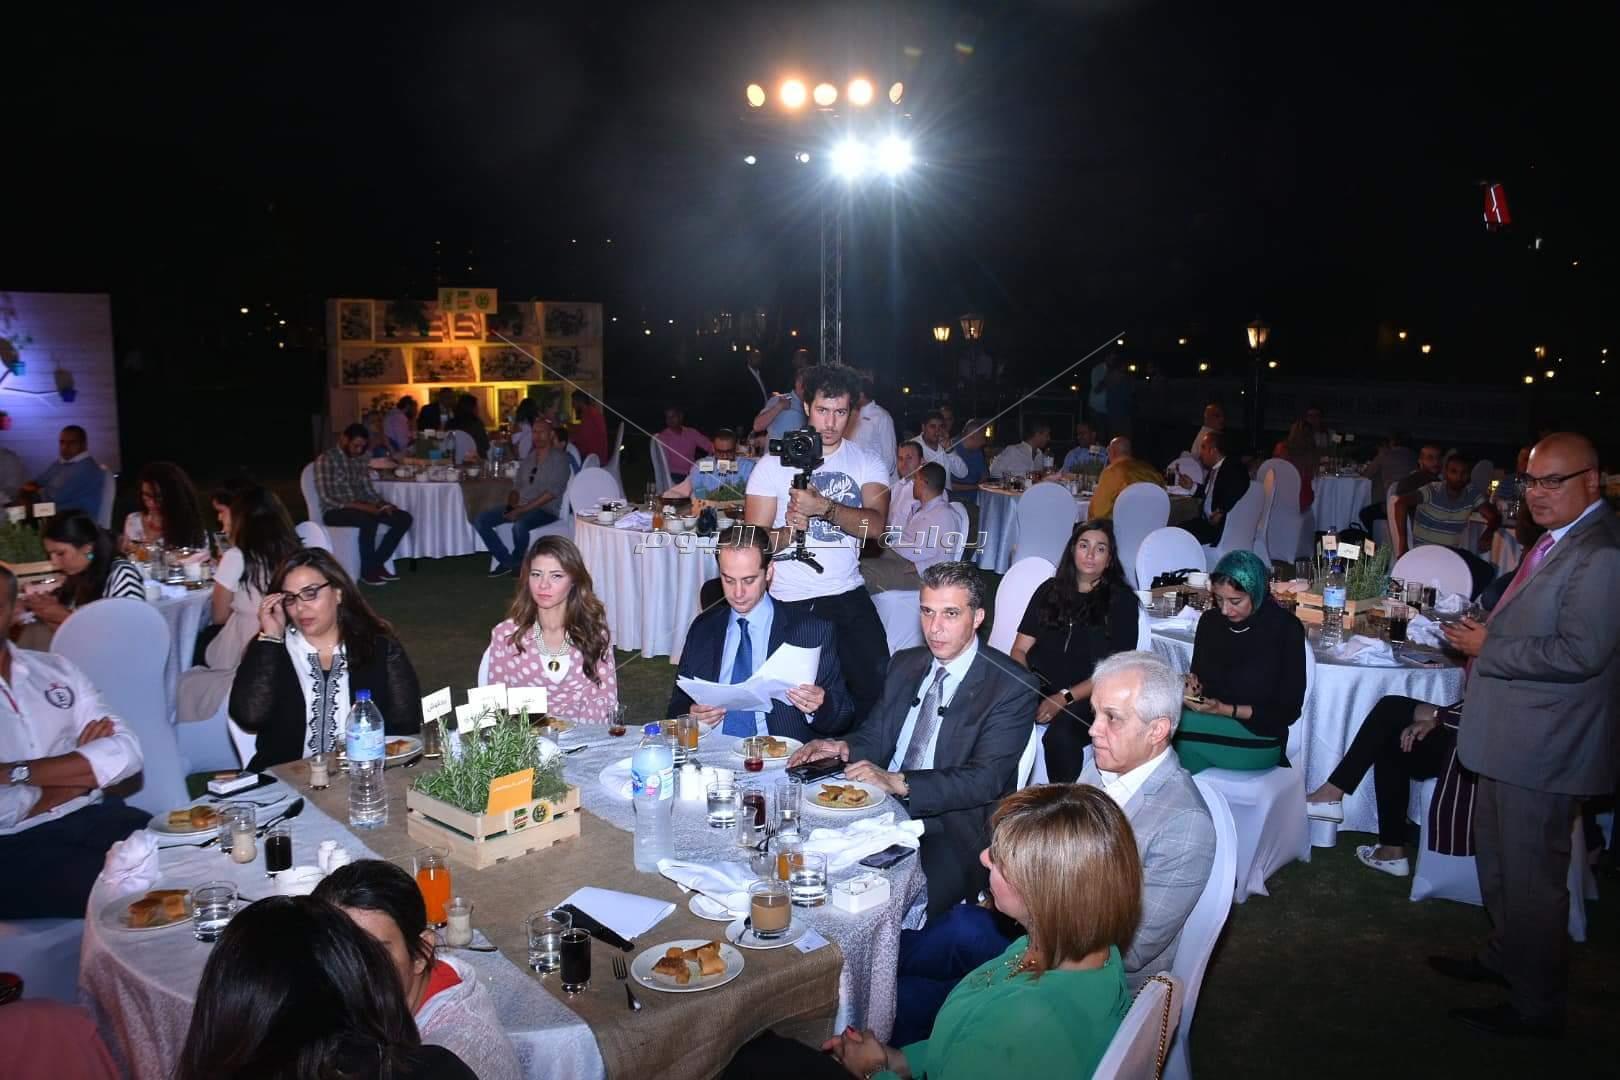 درة ولميس الحديدي بحفل إفطار «كمل كرمك»درة ولميس الحديدي بحفل إفطار «كمل كرمك»